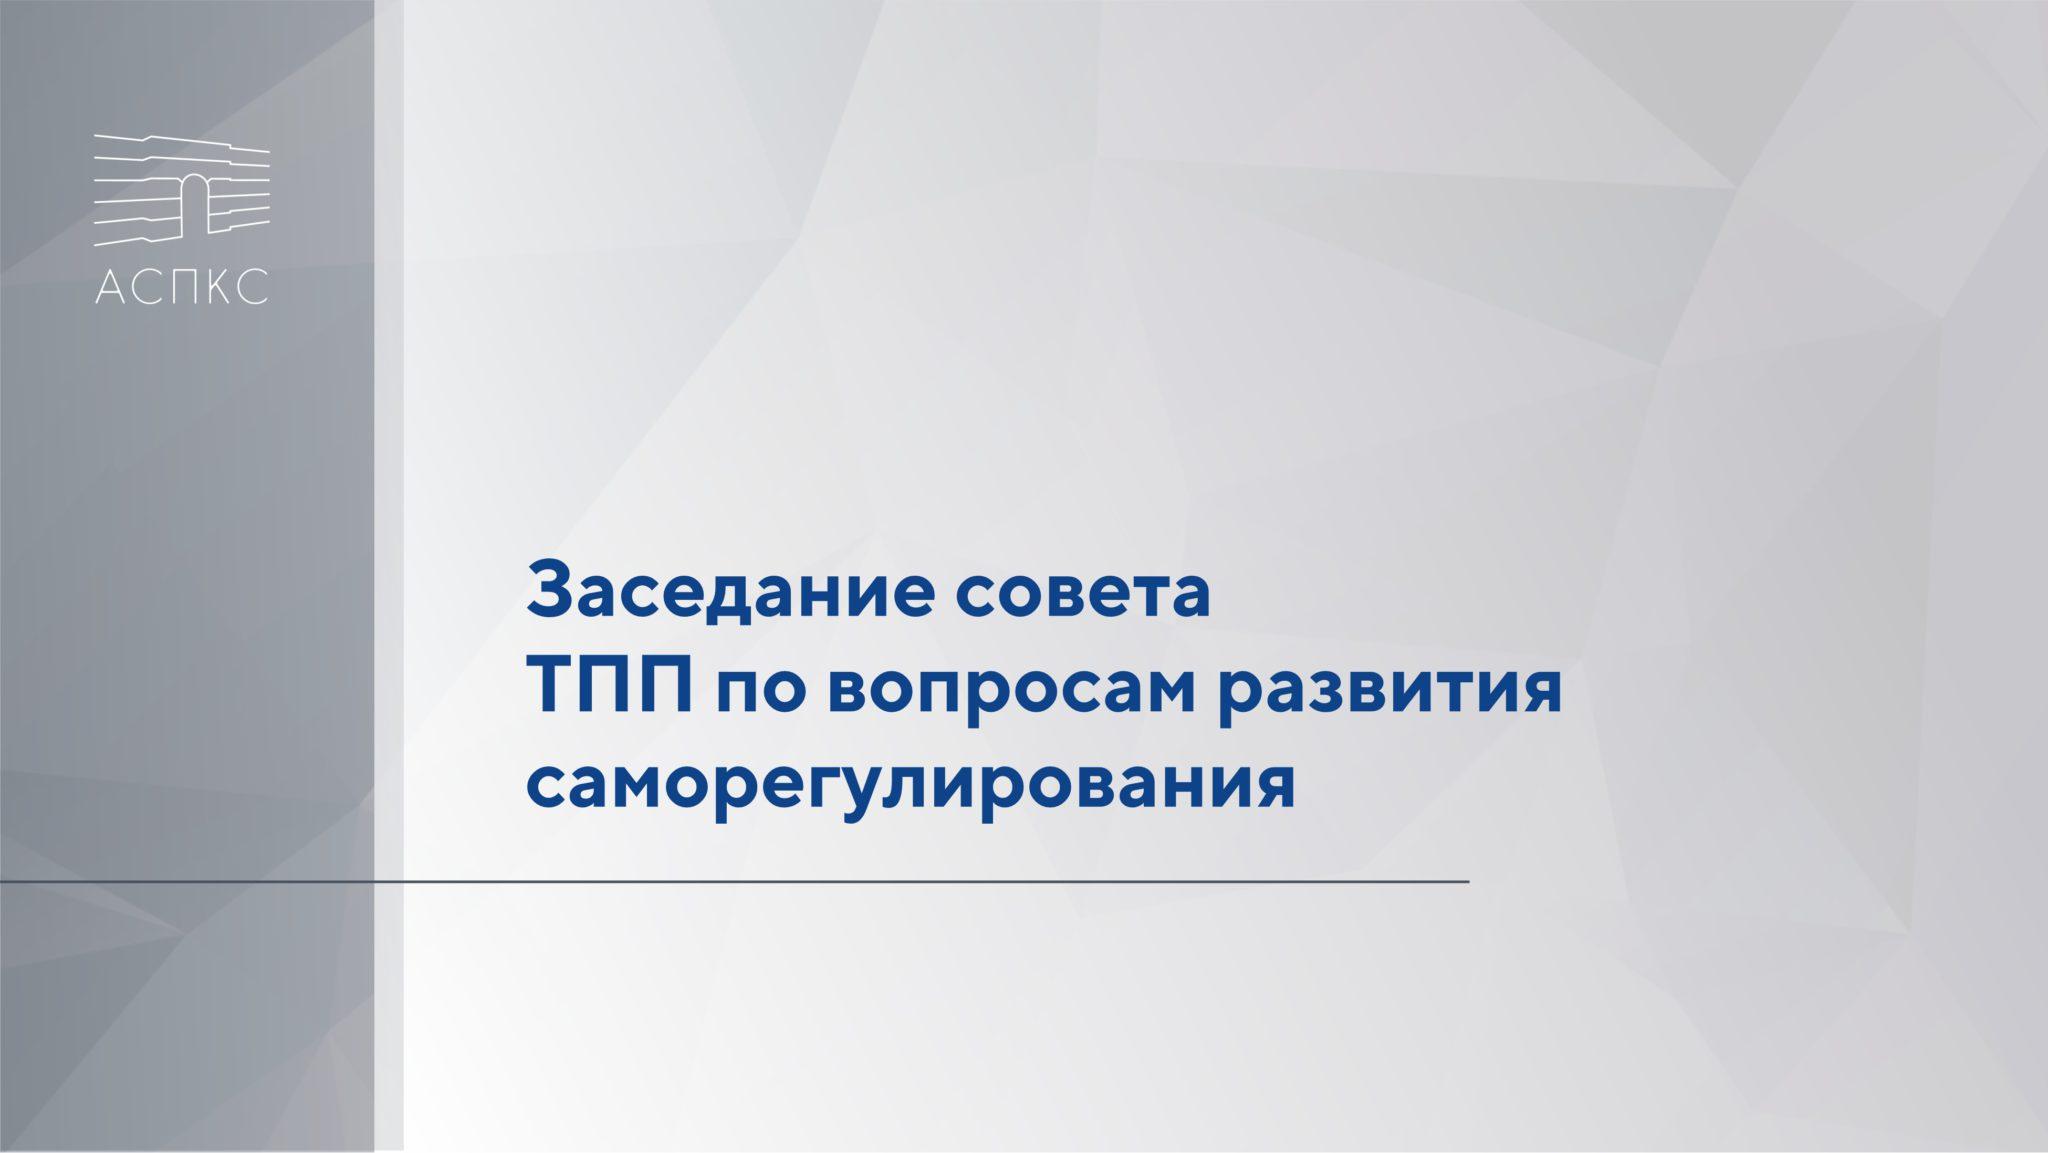 Заседание Совета ТПП по вопросам развития саморегулирования